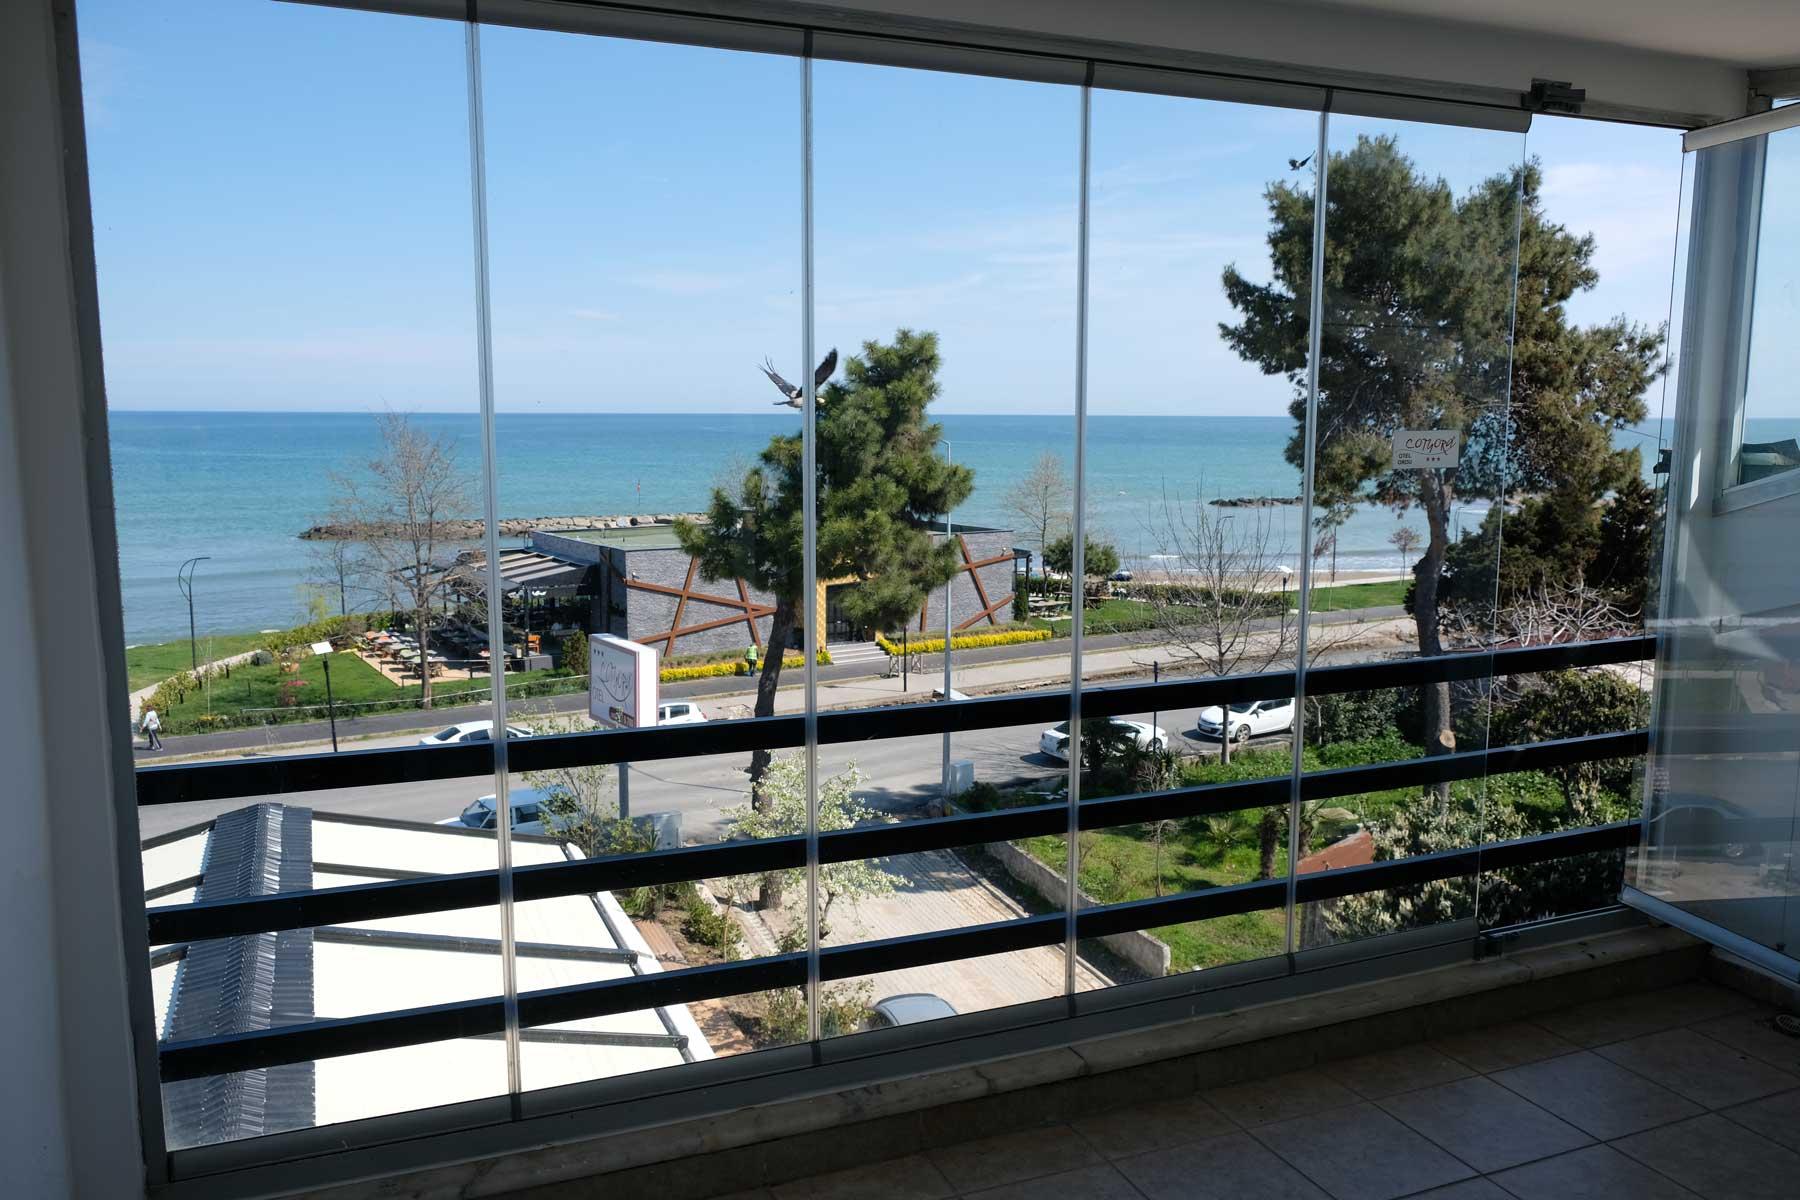 Nach dem Aufwachen erfreuen wir uns am tollen Ausblick aus unserem Hotelzimmer